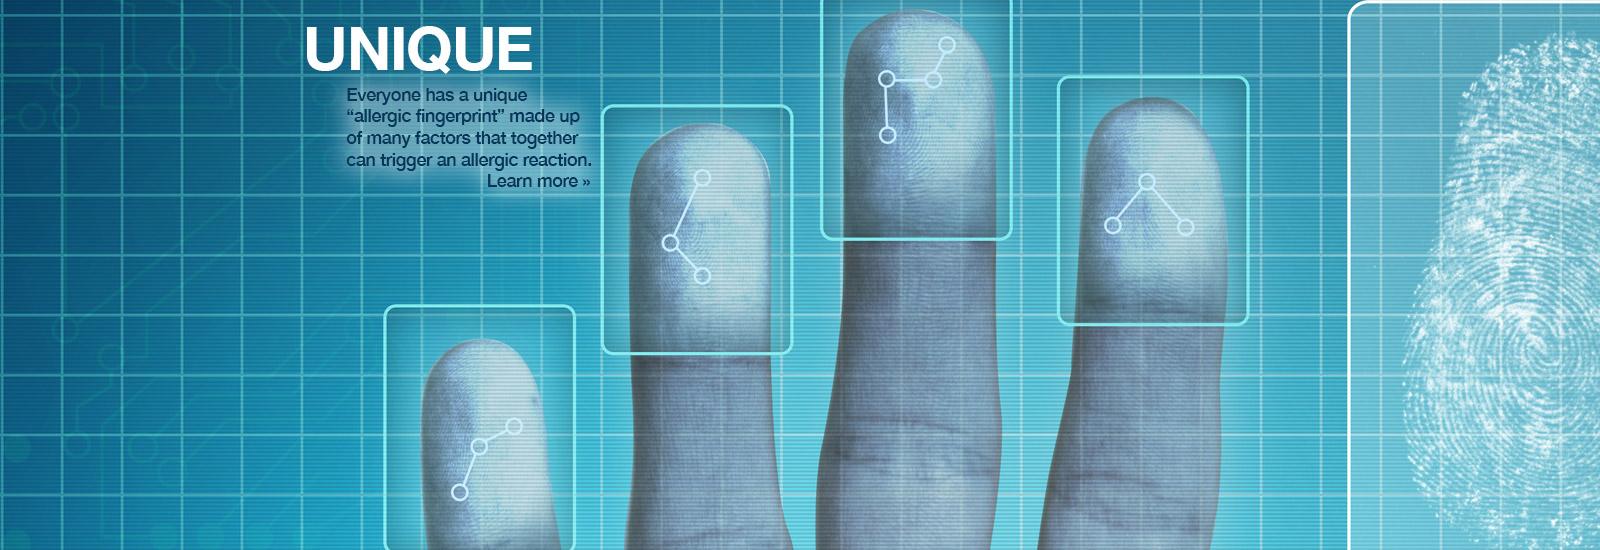 unique-fingerprint21